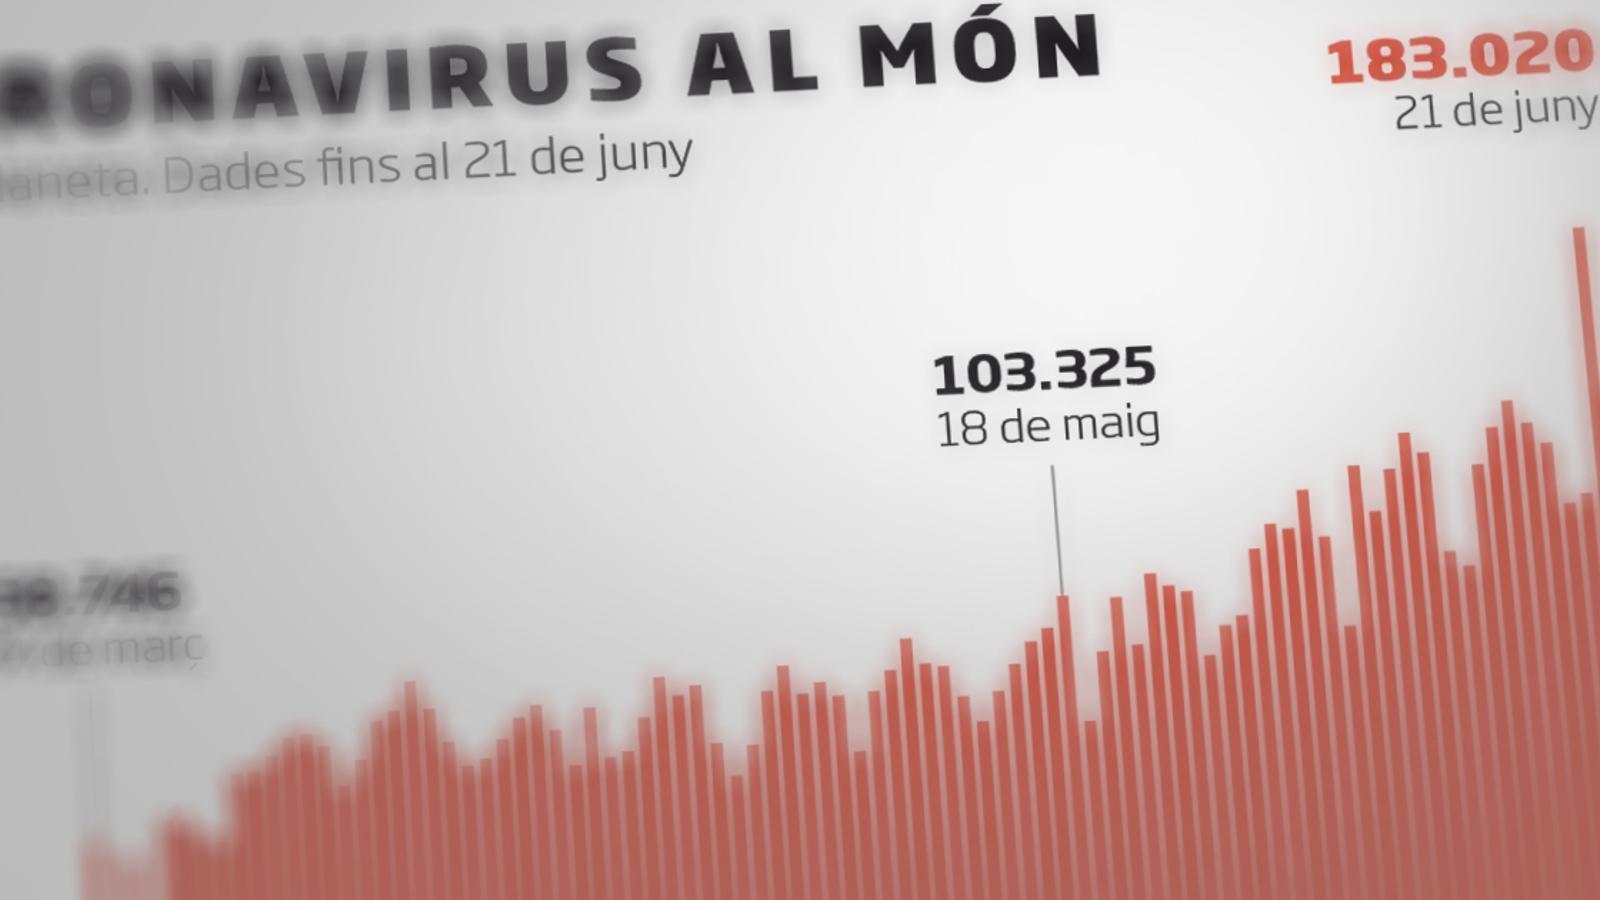 Crit d'alerta de l'OMS pel rècord de contagis diaris al món